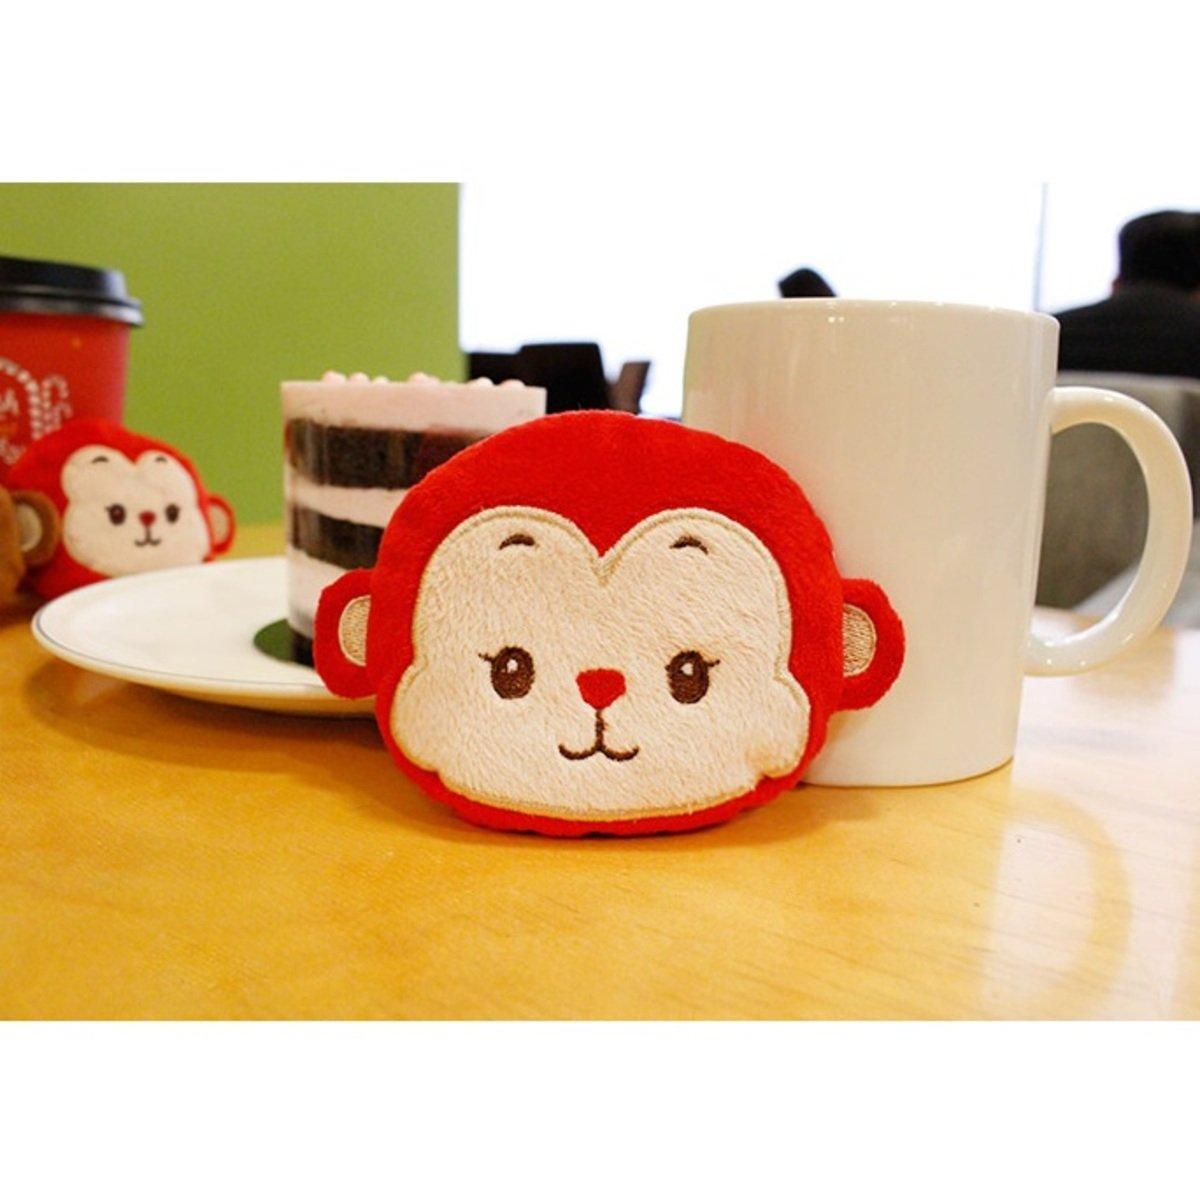 暖包公仔_ Monkey_紅色